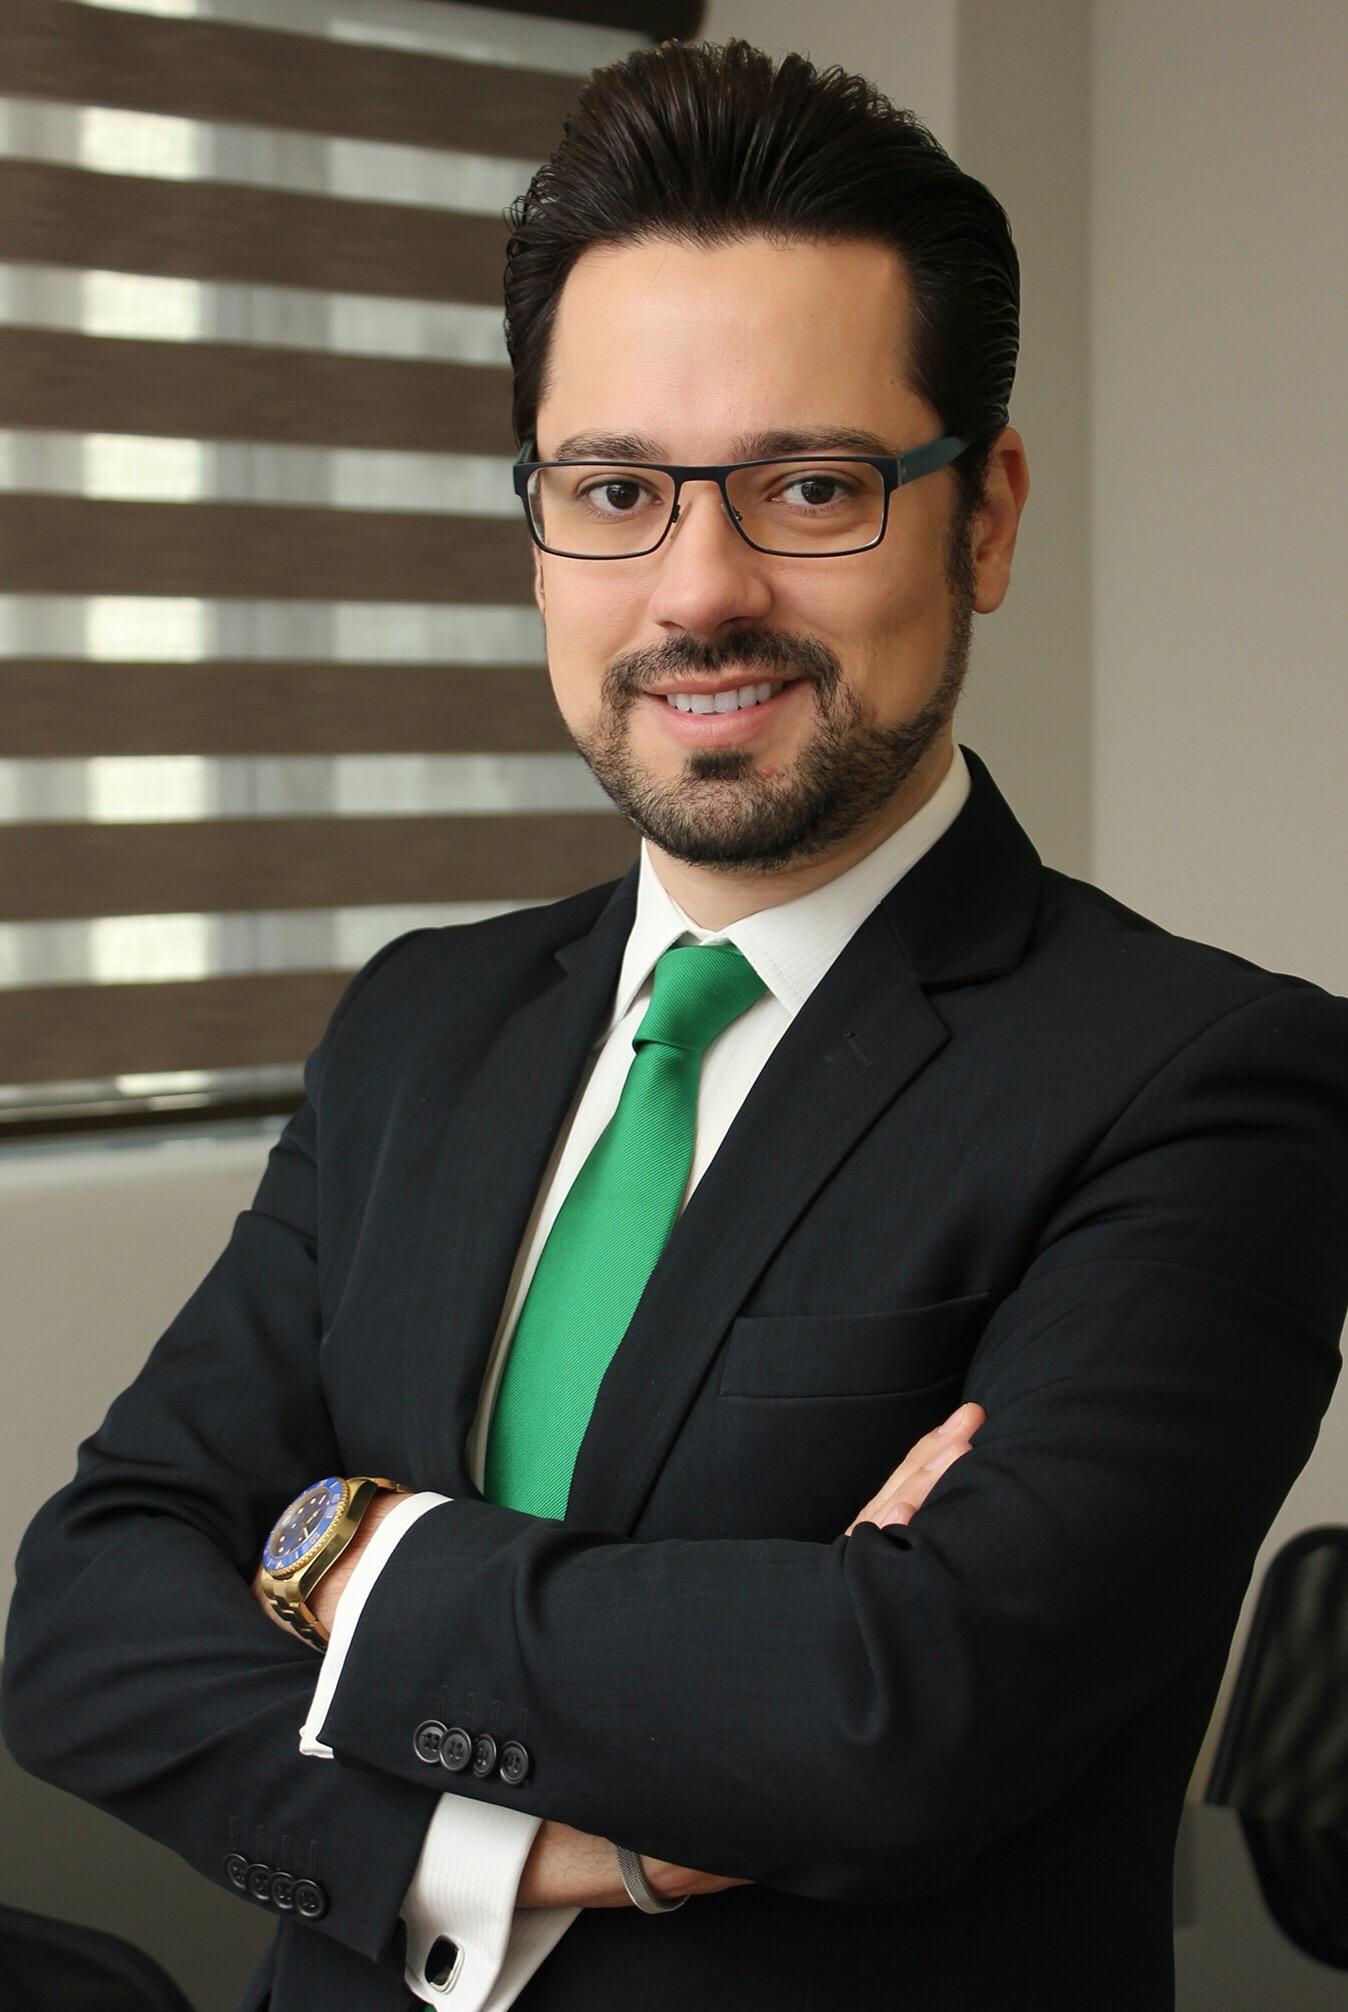 DAVID BRAGA